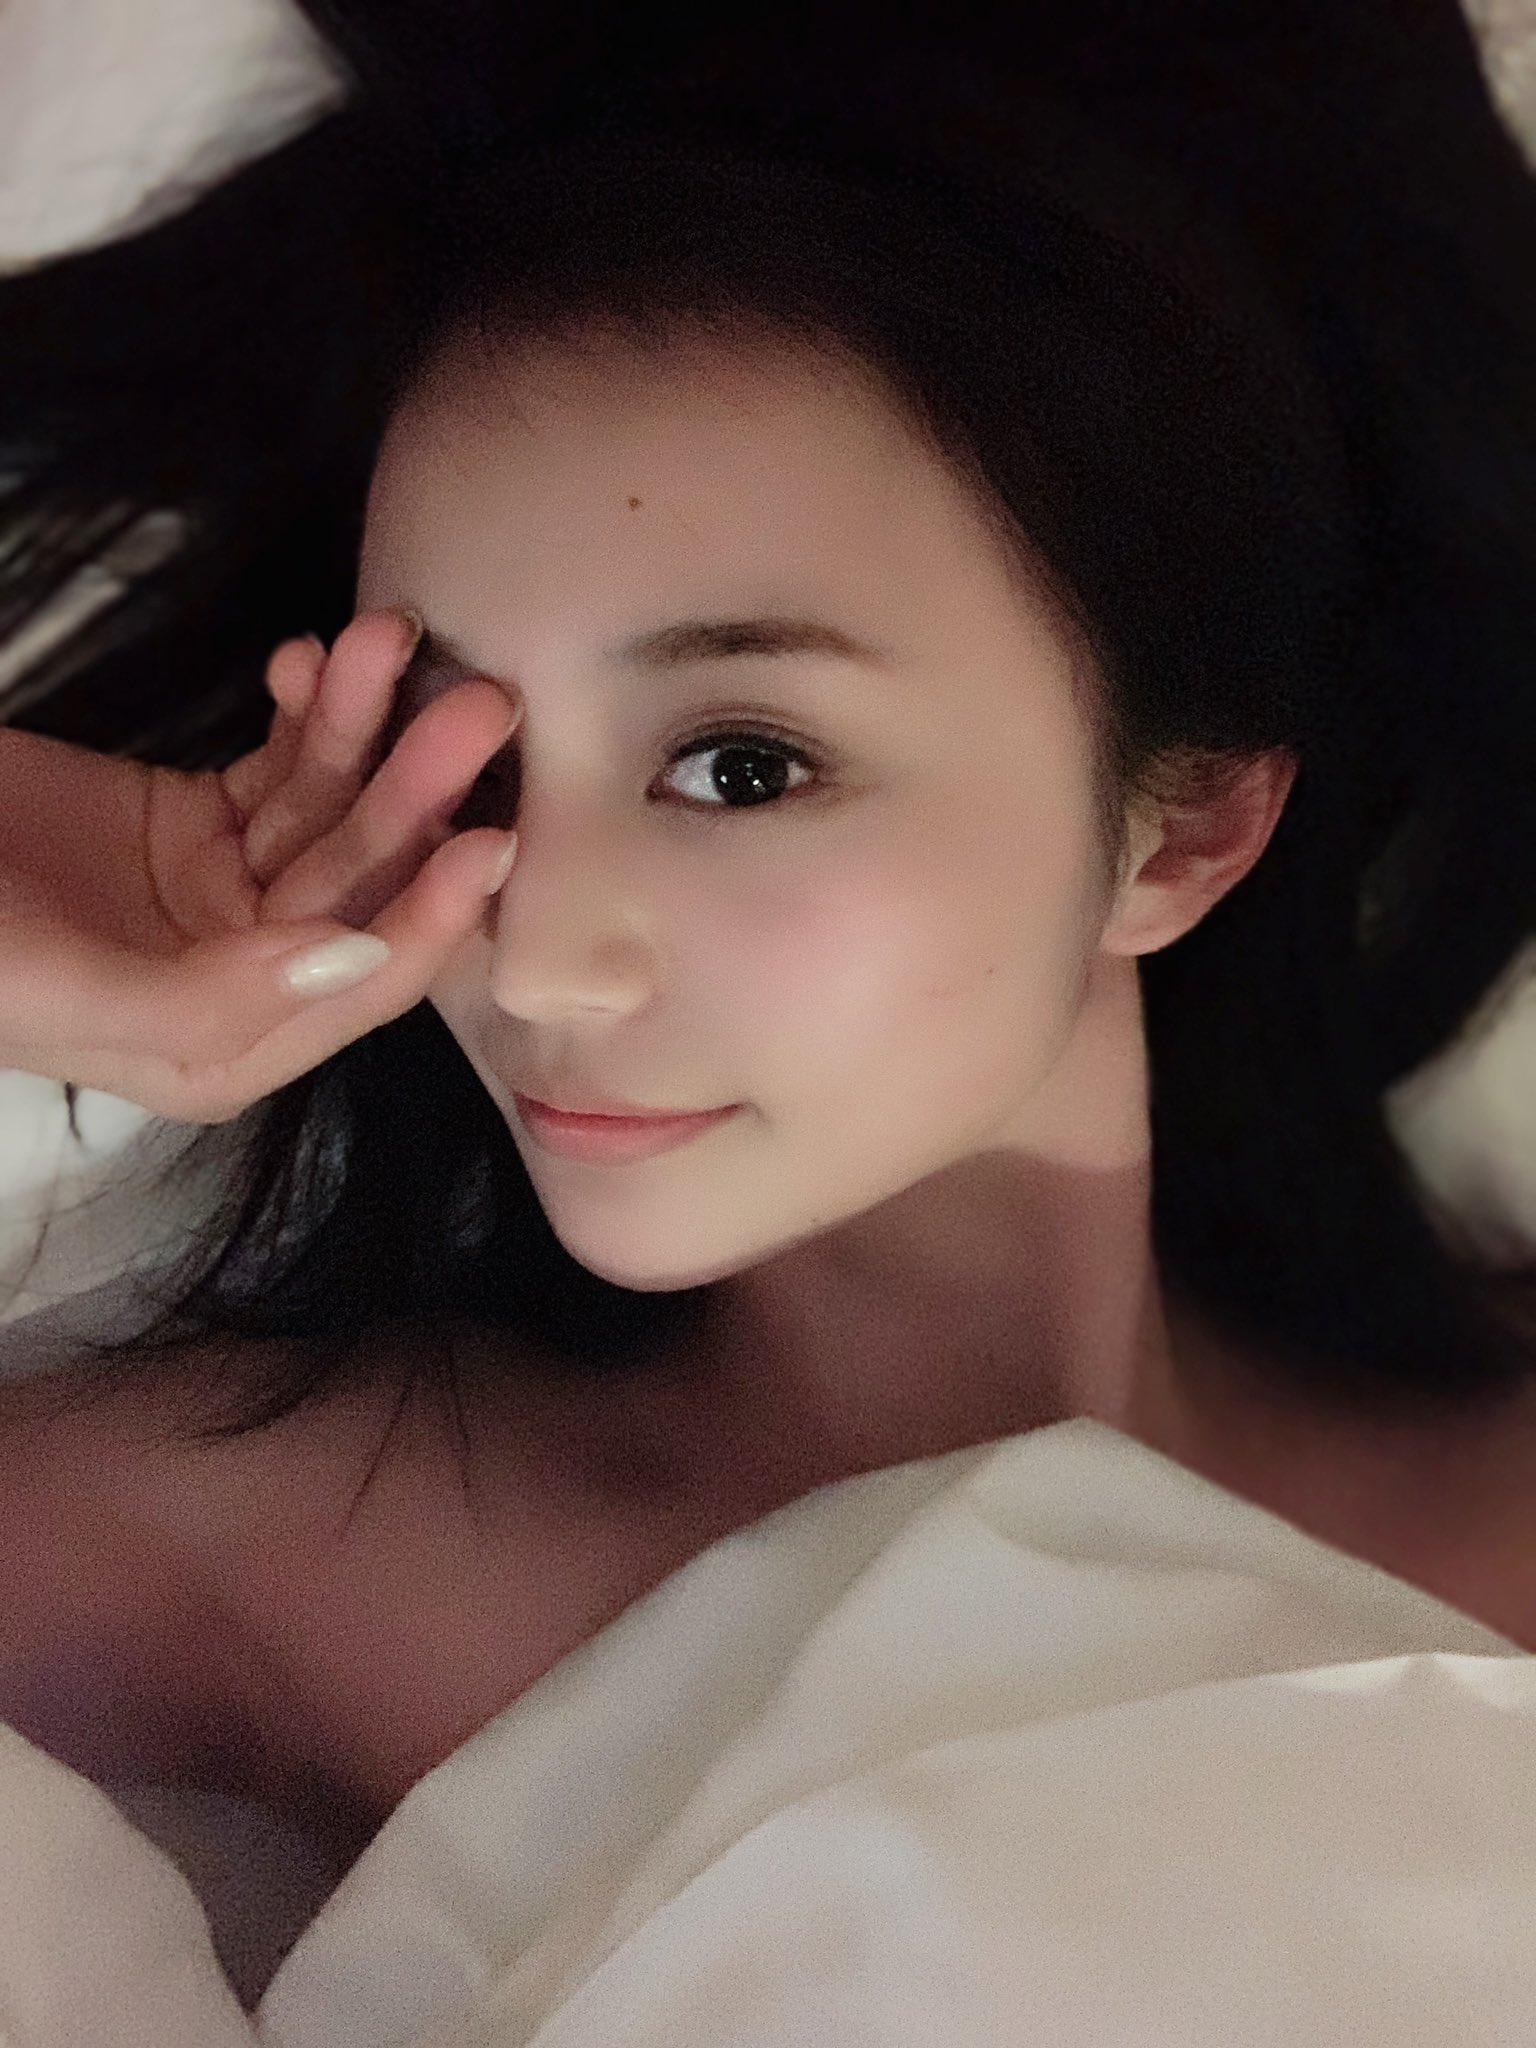 【三咲美憂エロ画像】九州訛りが可愛い美乳スレンダー美女・三咲美憂!